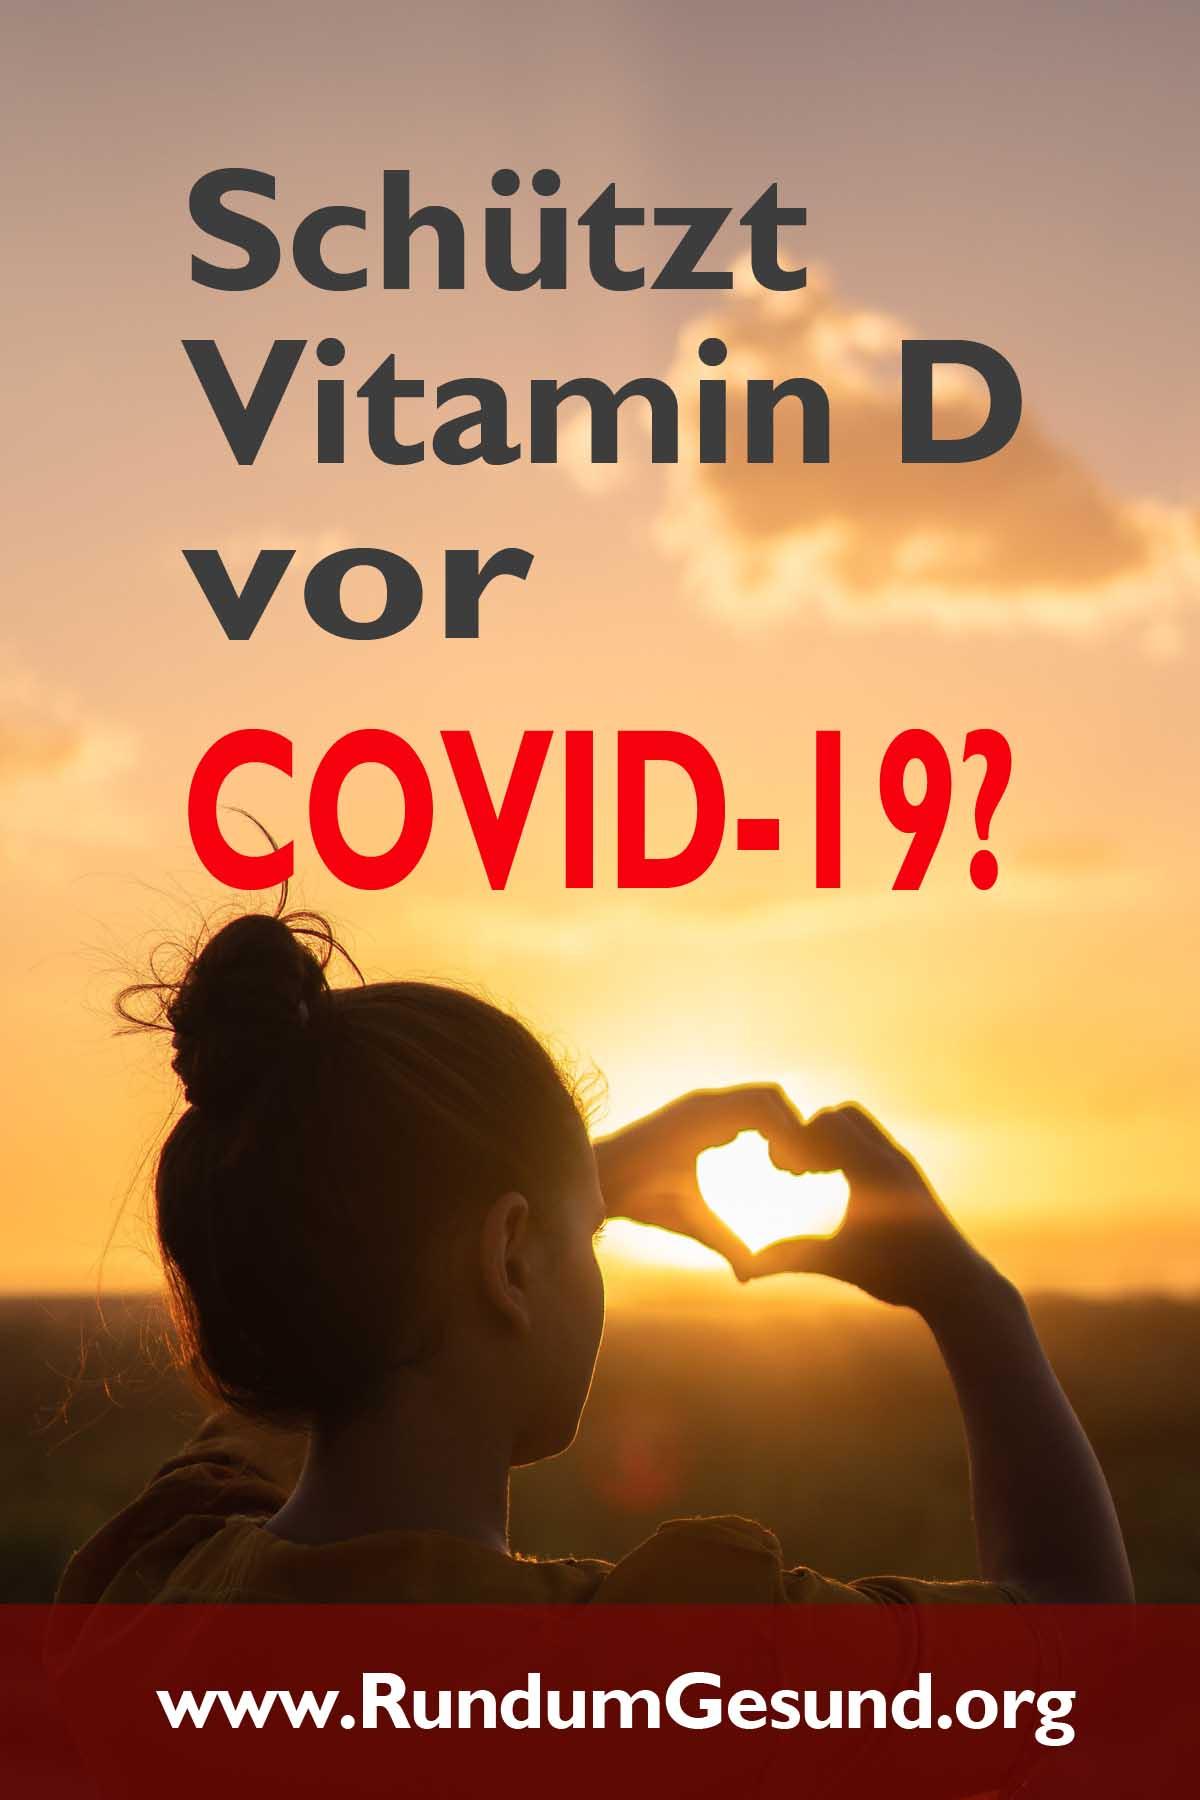 Schützt Vitamin D vor COVID-19?